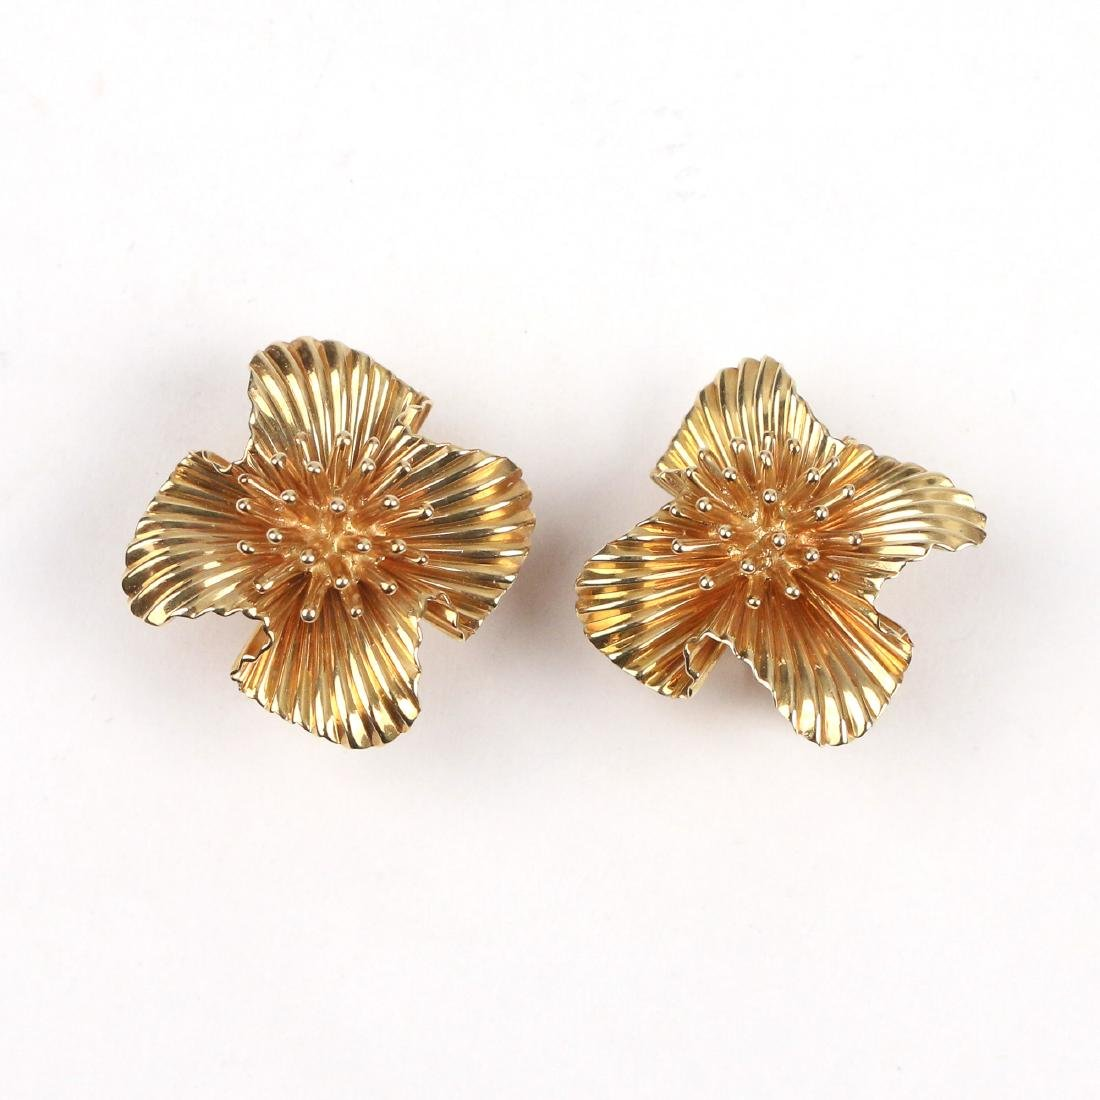 PAIR TIFFANY 14K GOLD EAR CLIPS